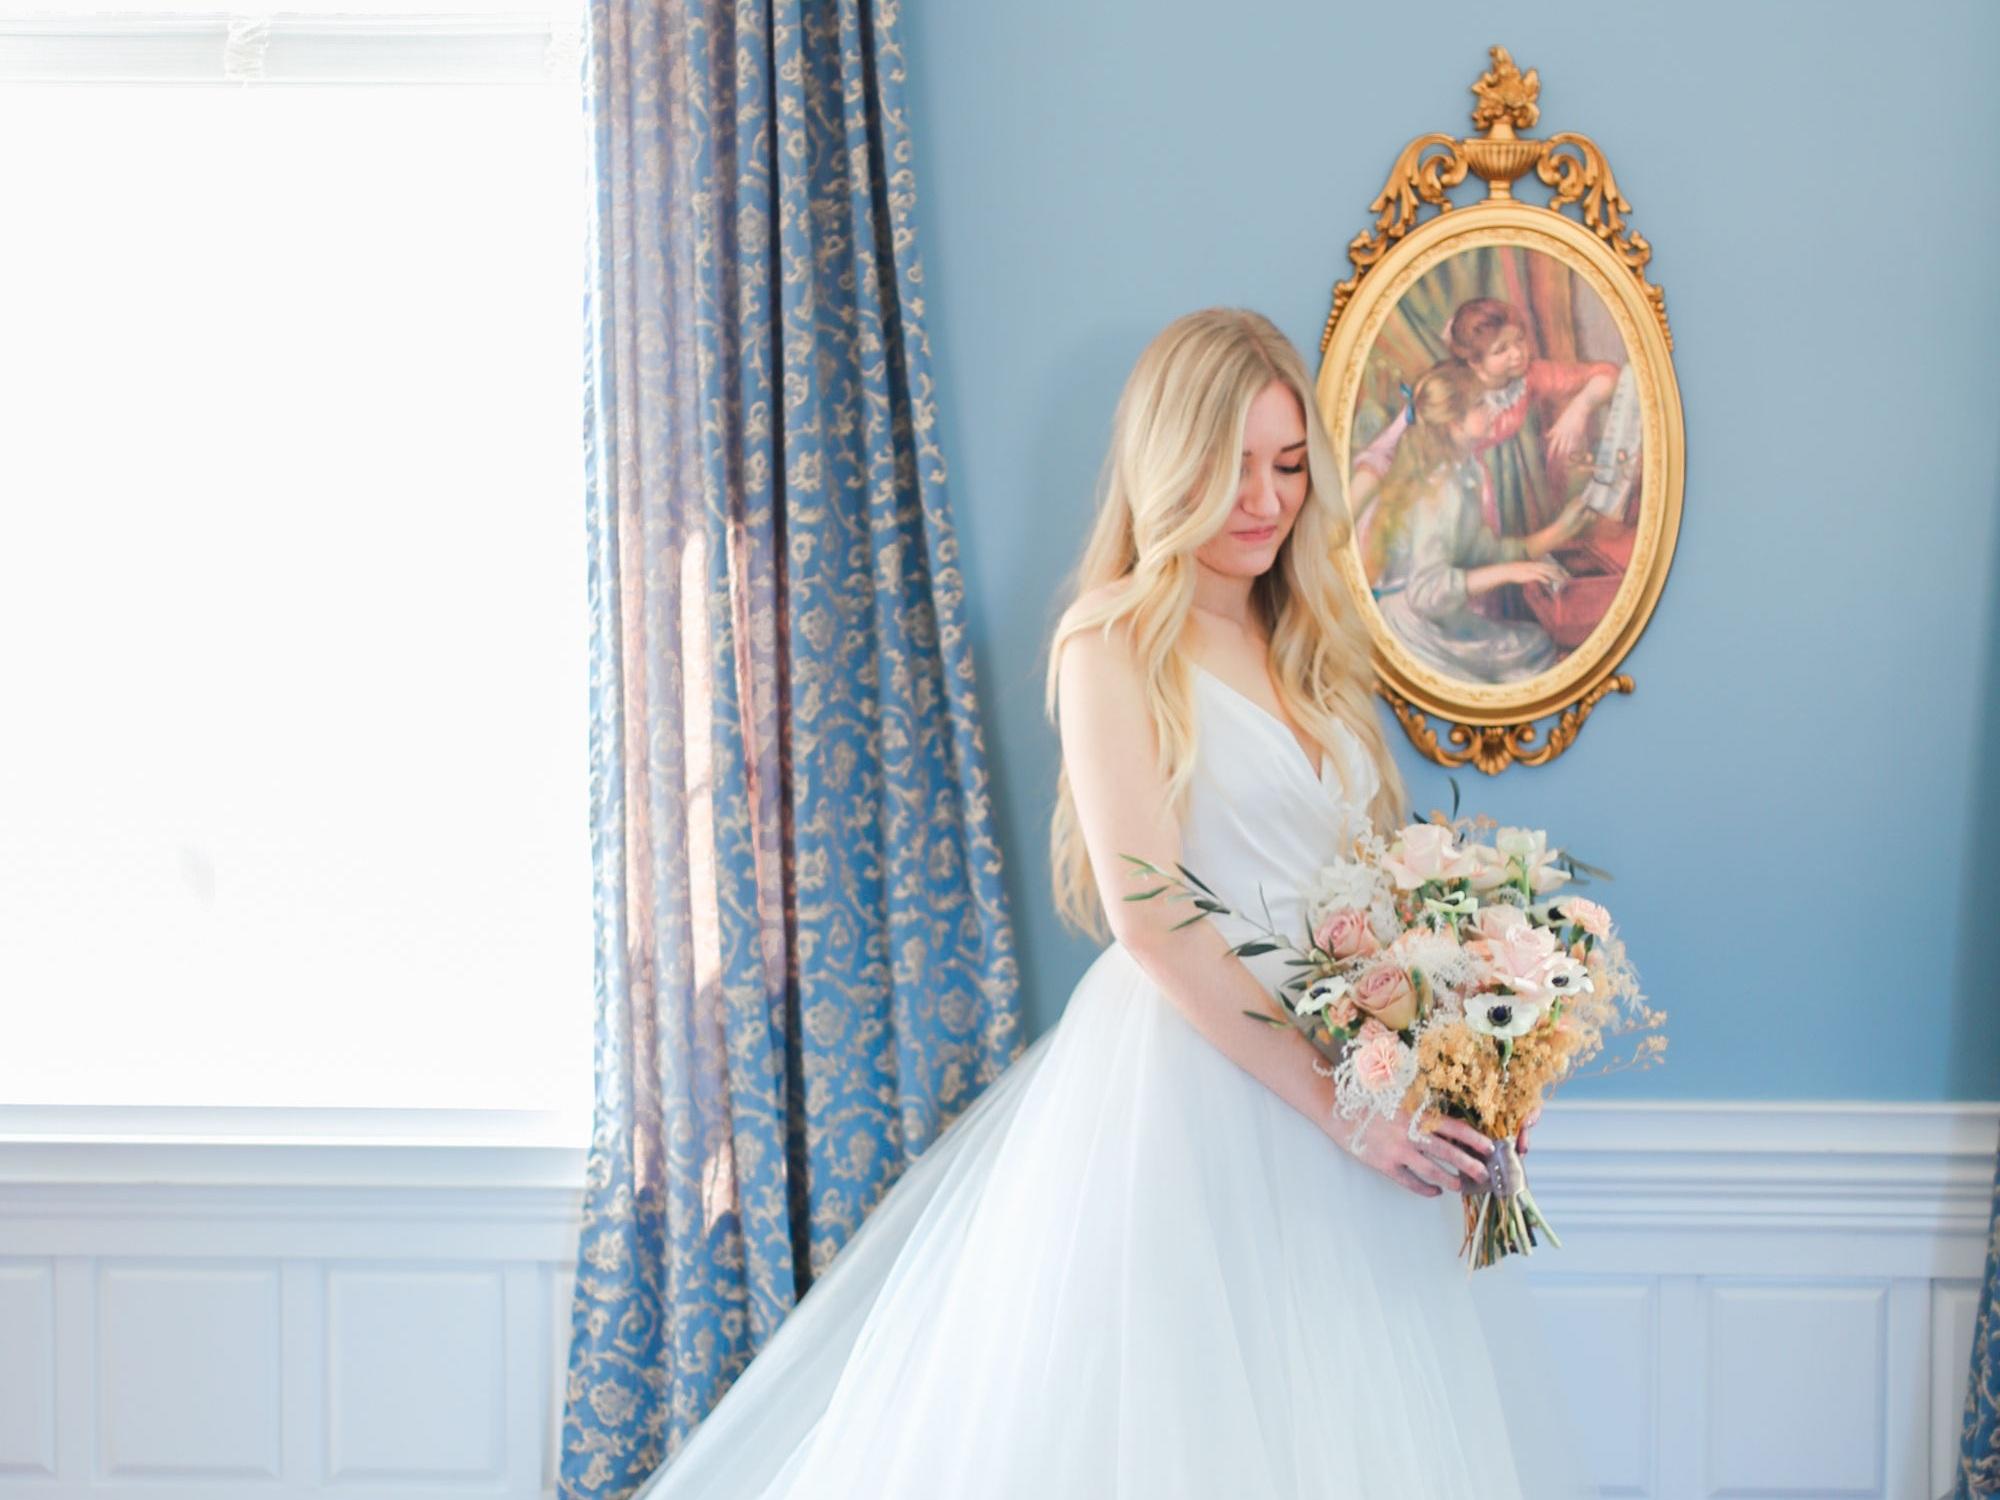 jennifer-hayward%2Croanoke-wedding-photographer%2Croanoke-maternity-photographer-30.jpg